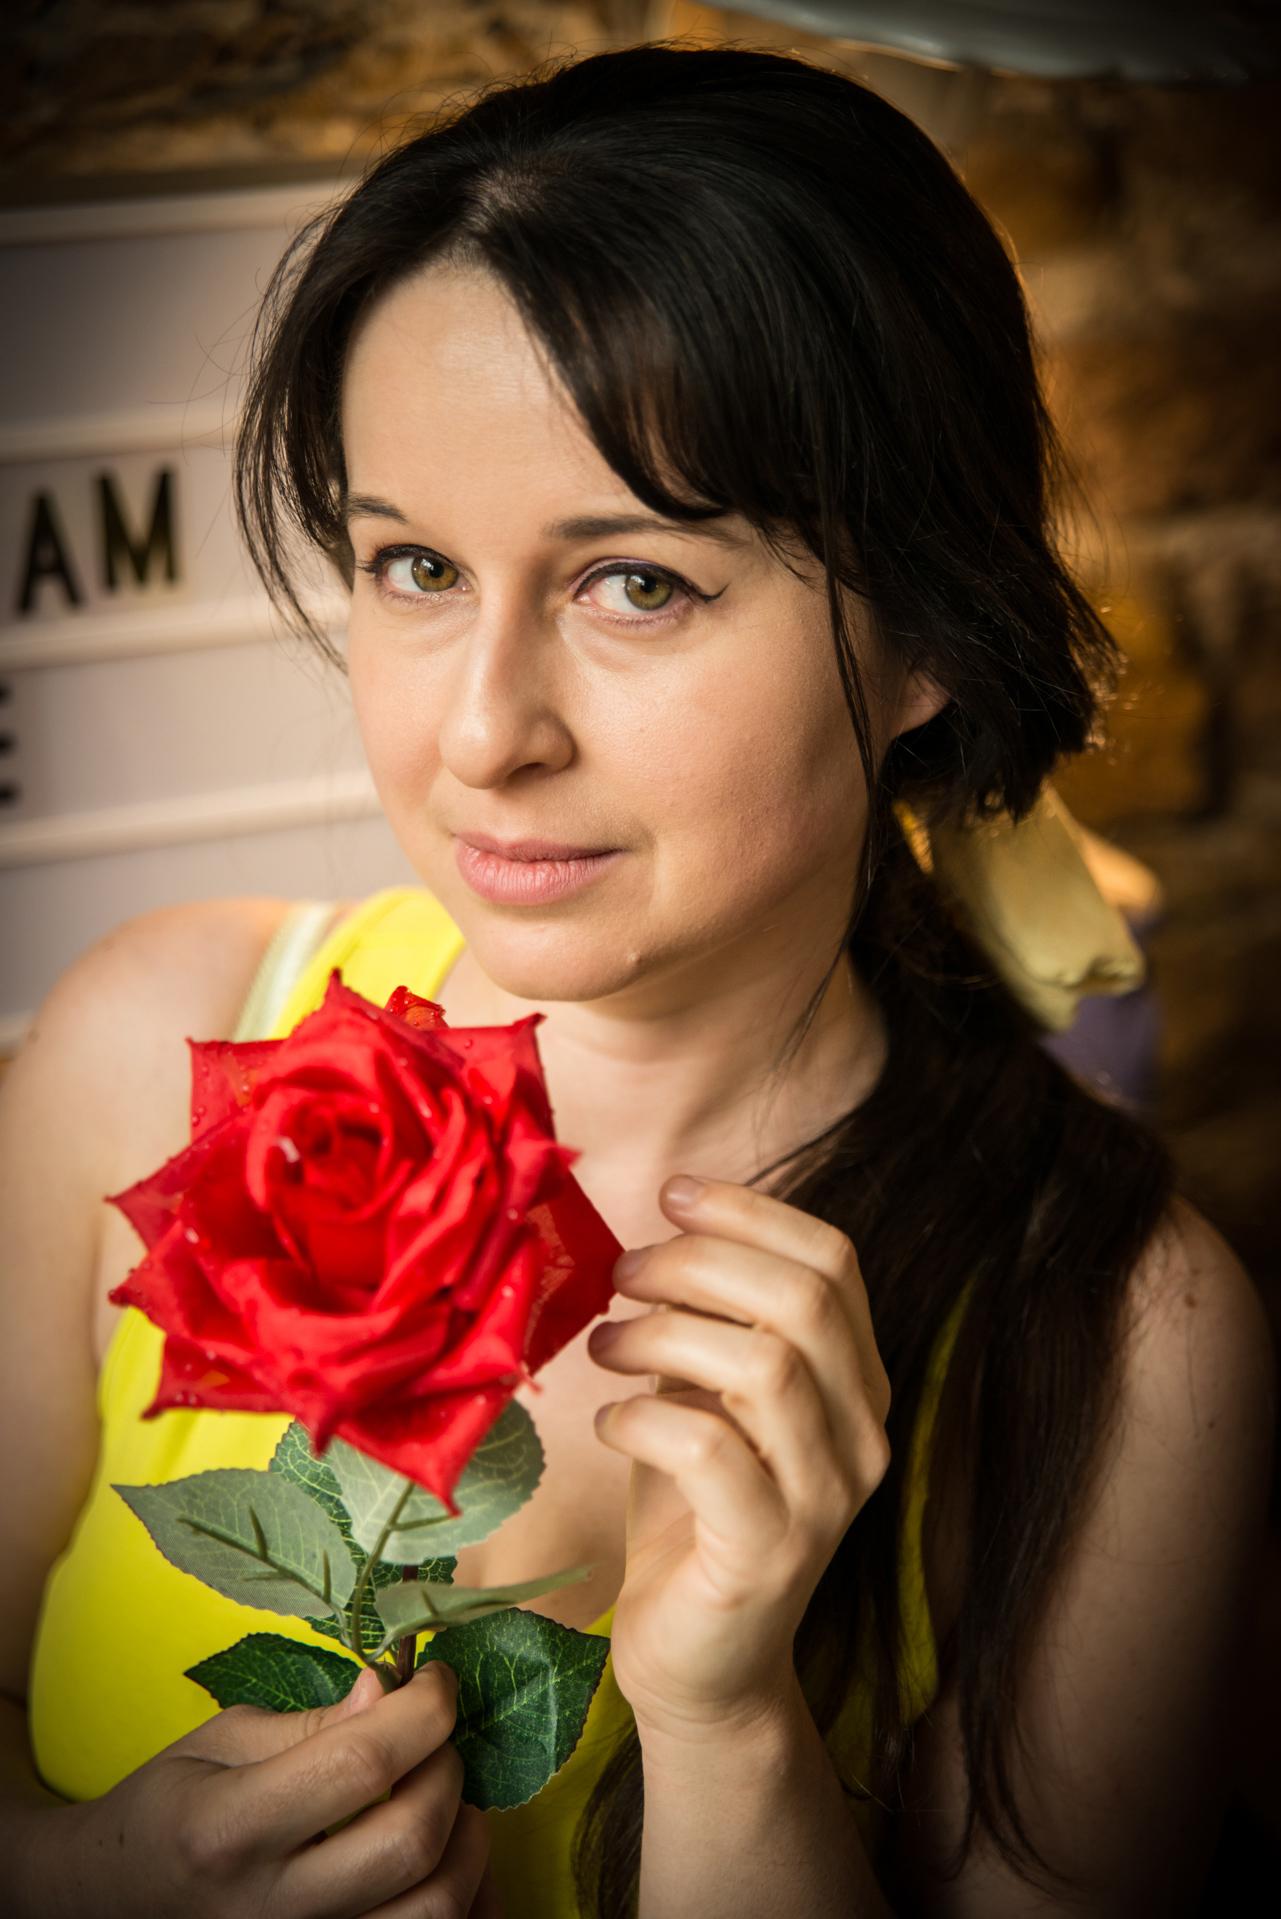 La rose des roses